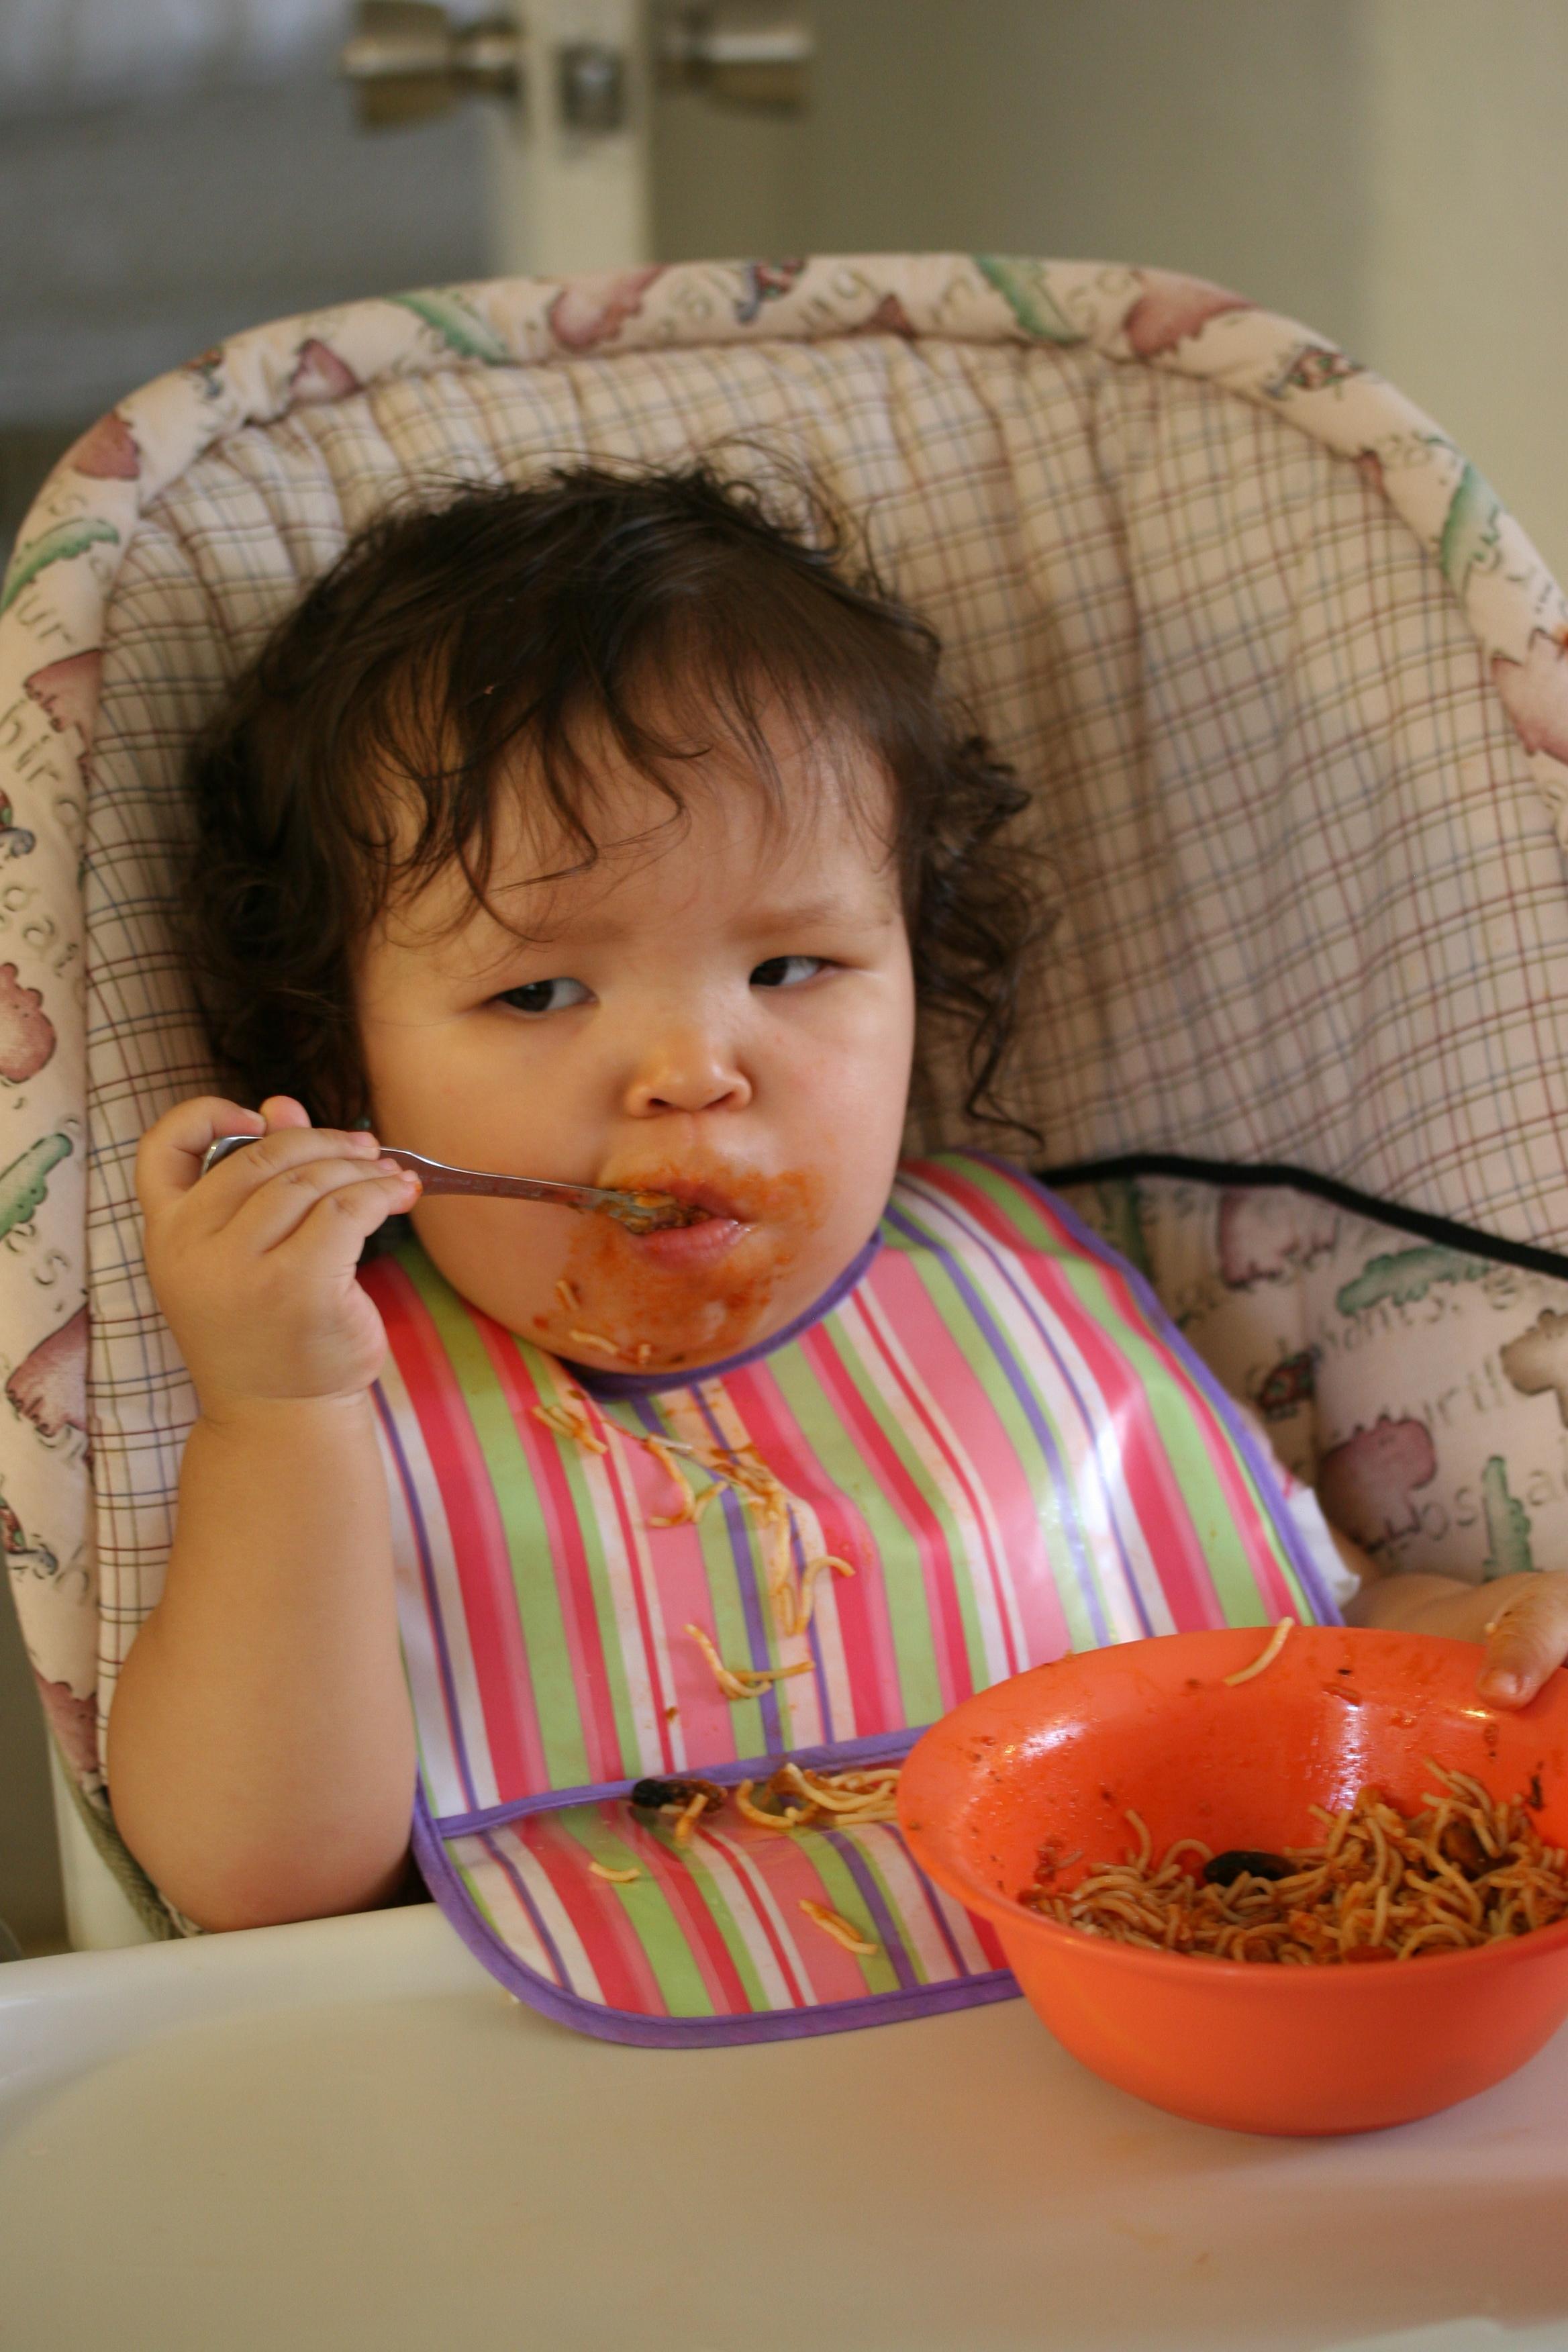 子供がご飯を食べない…ママの対応はどうする?